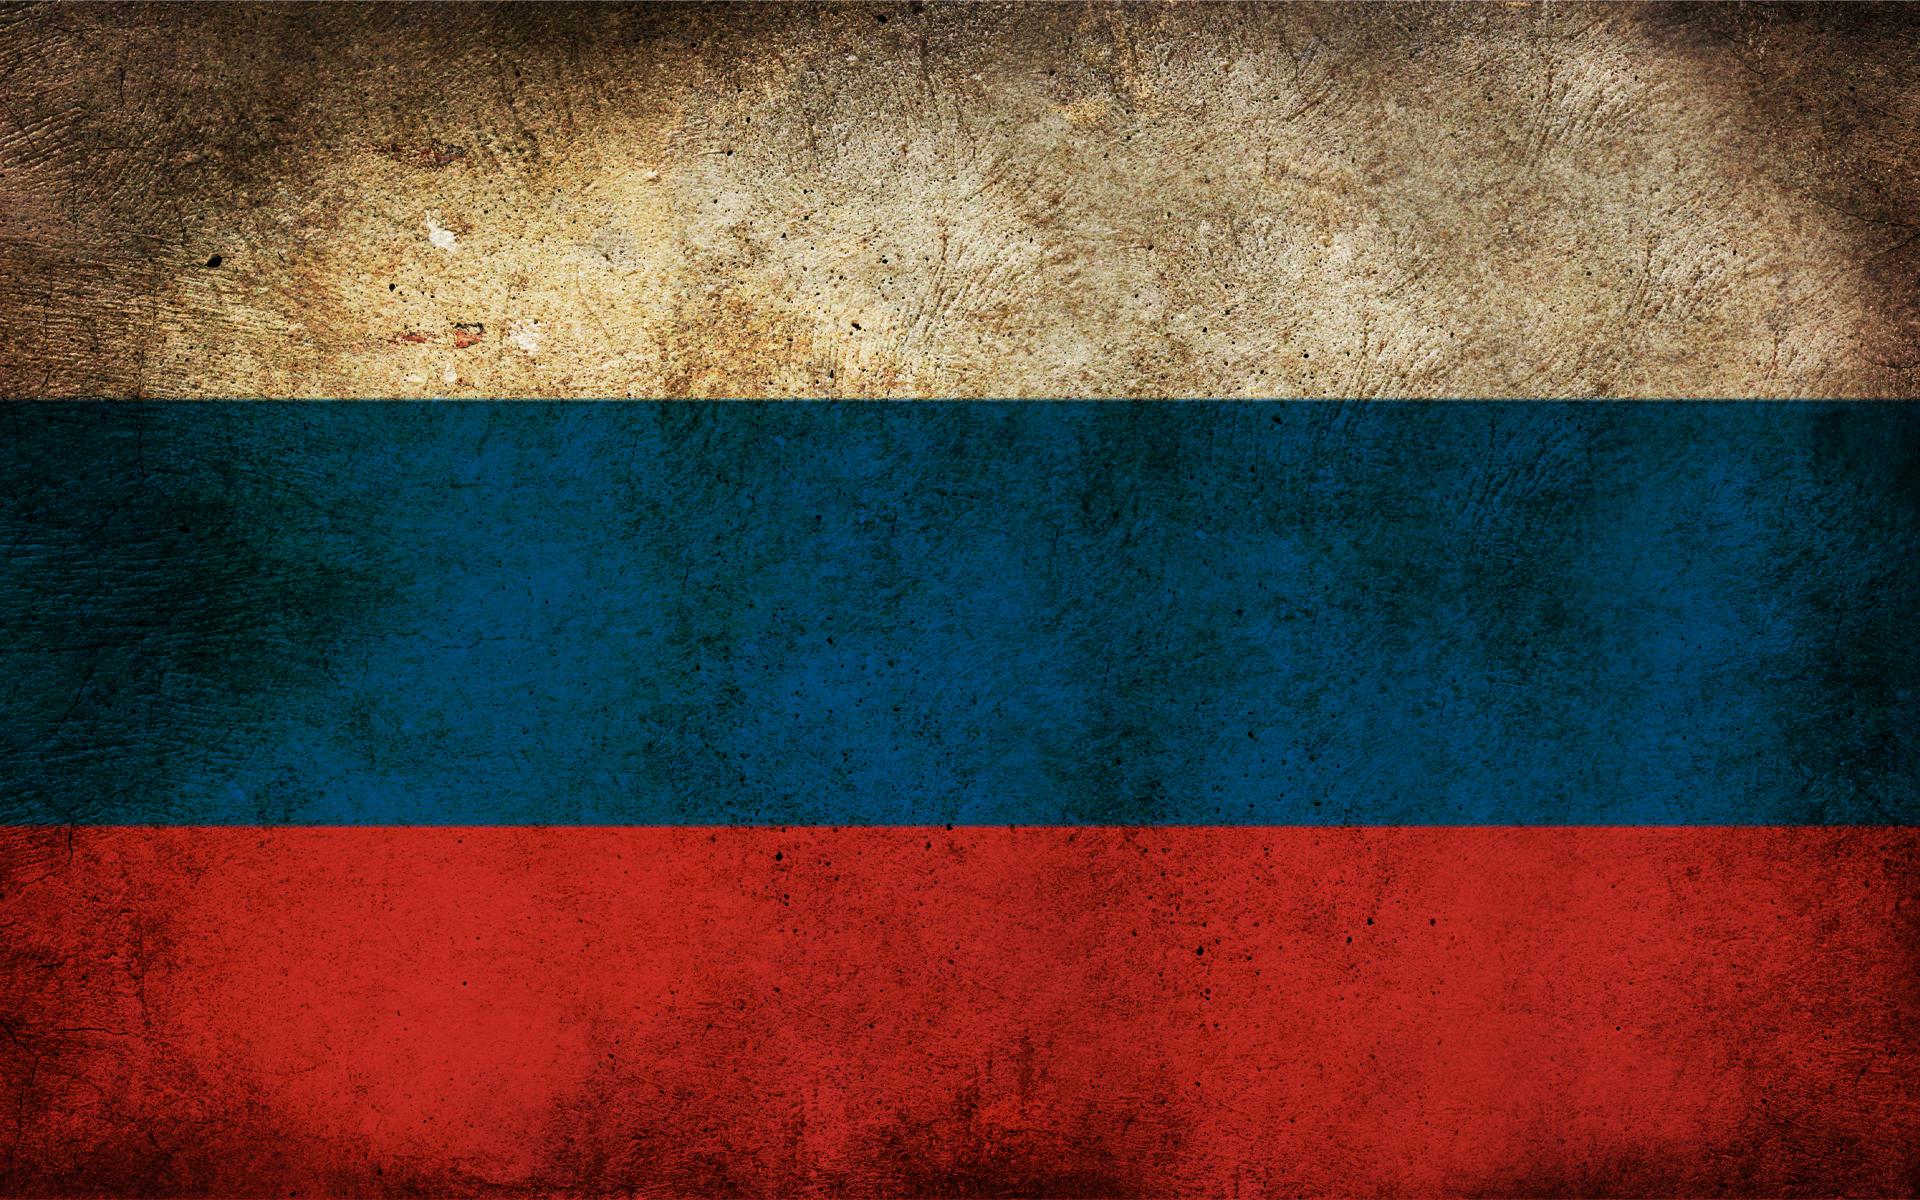 flag-ru.jpg